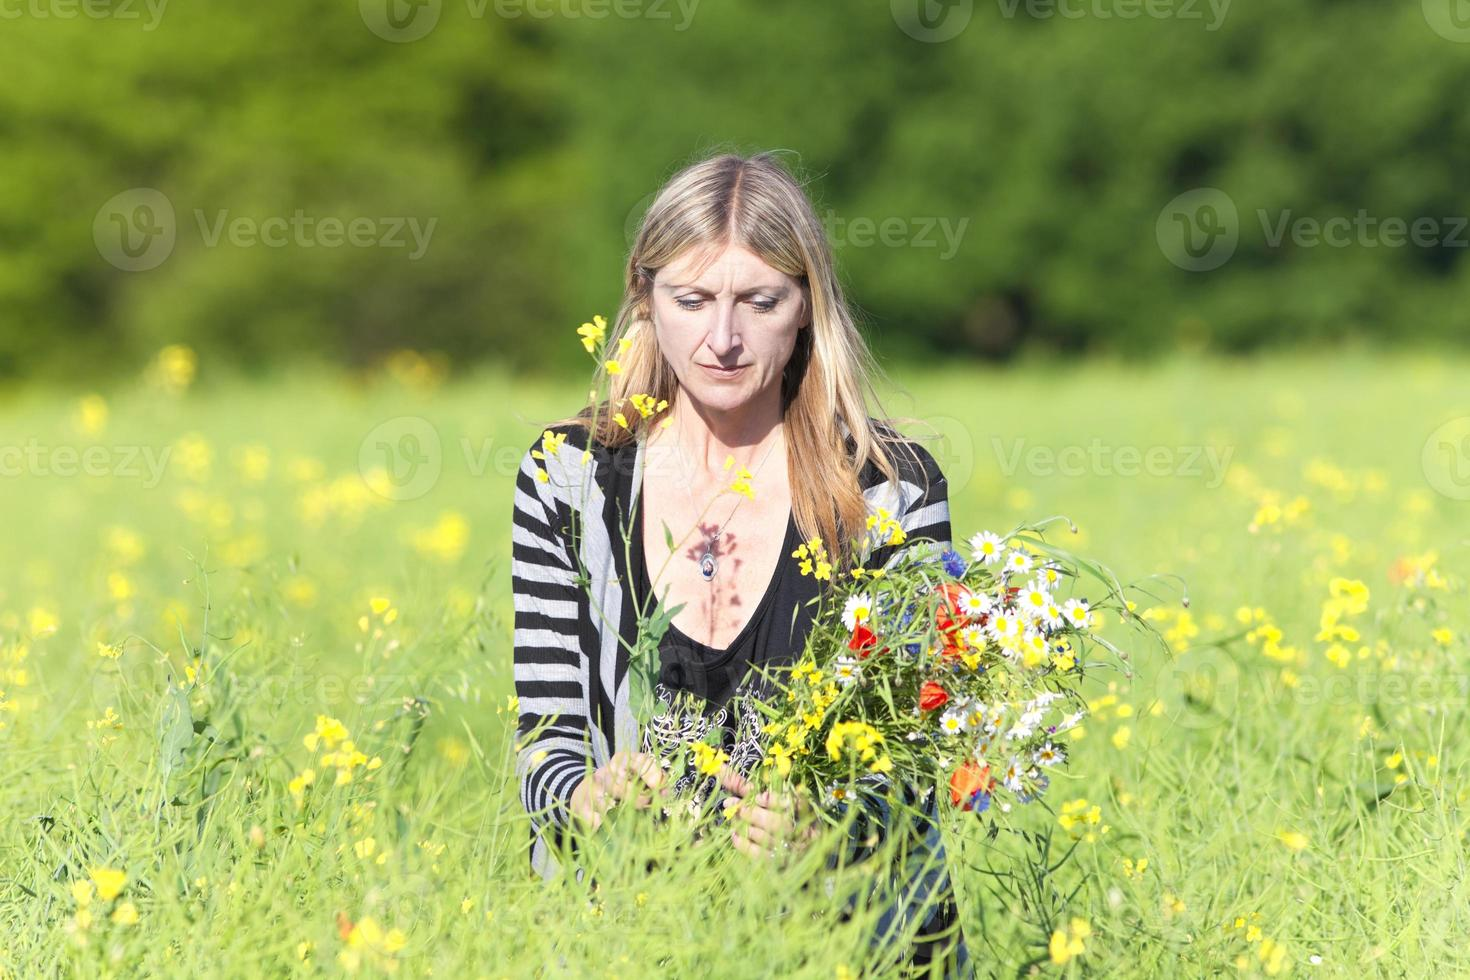 mulher colhendo flores silvestres no Prado foto